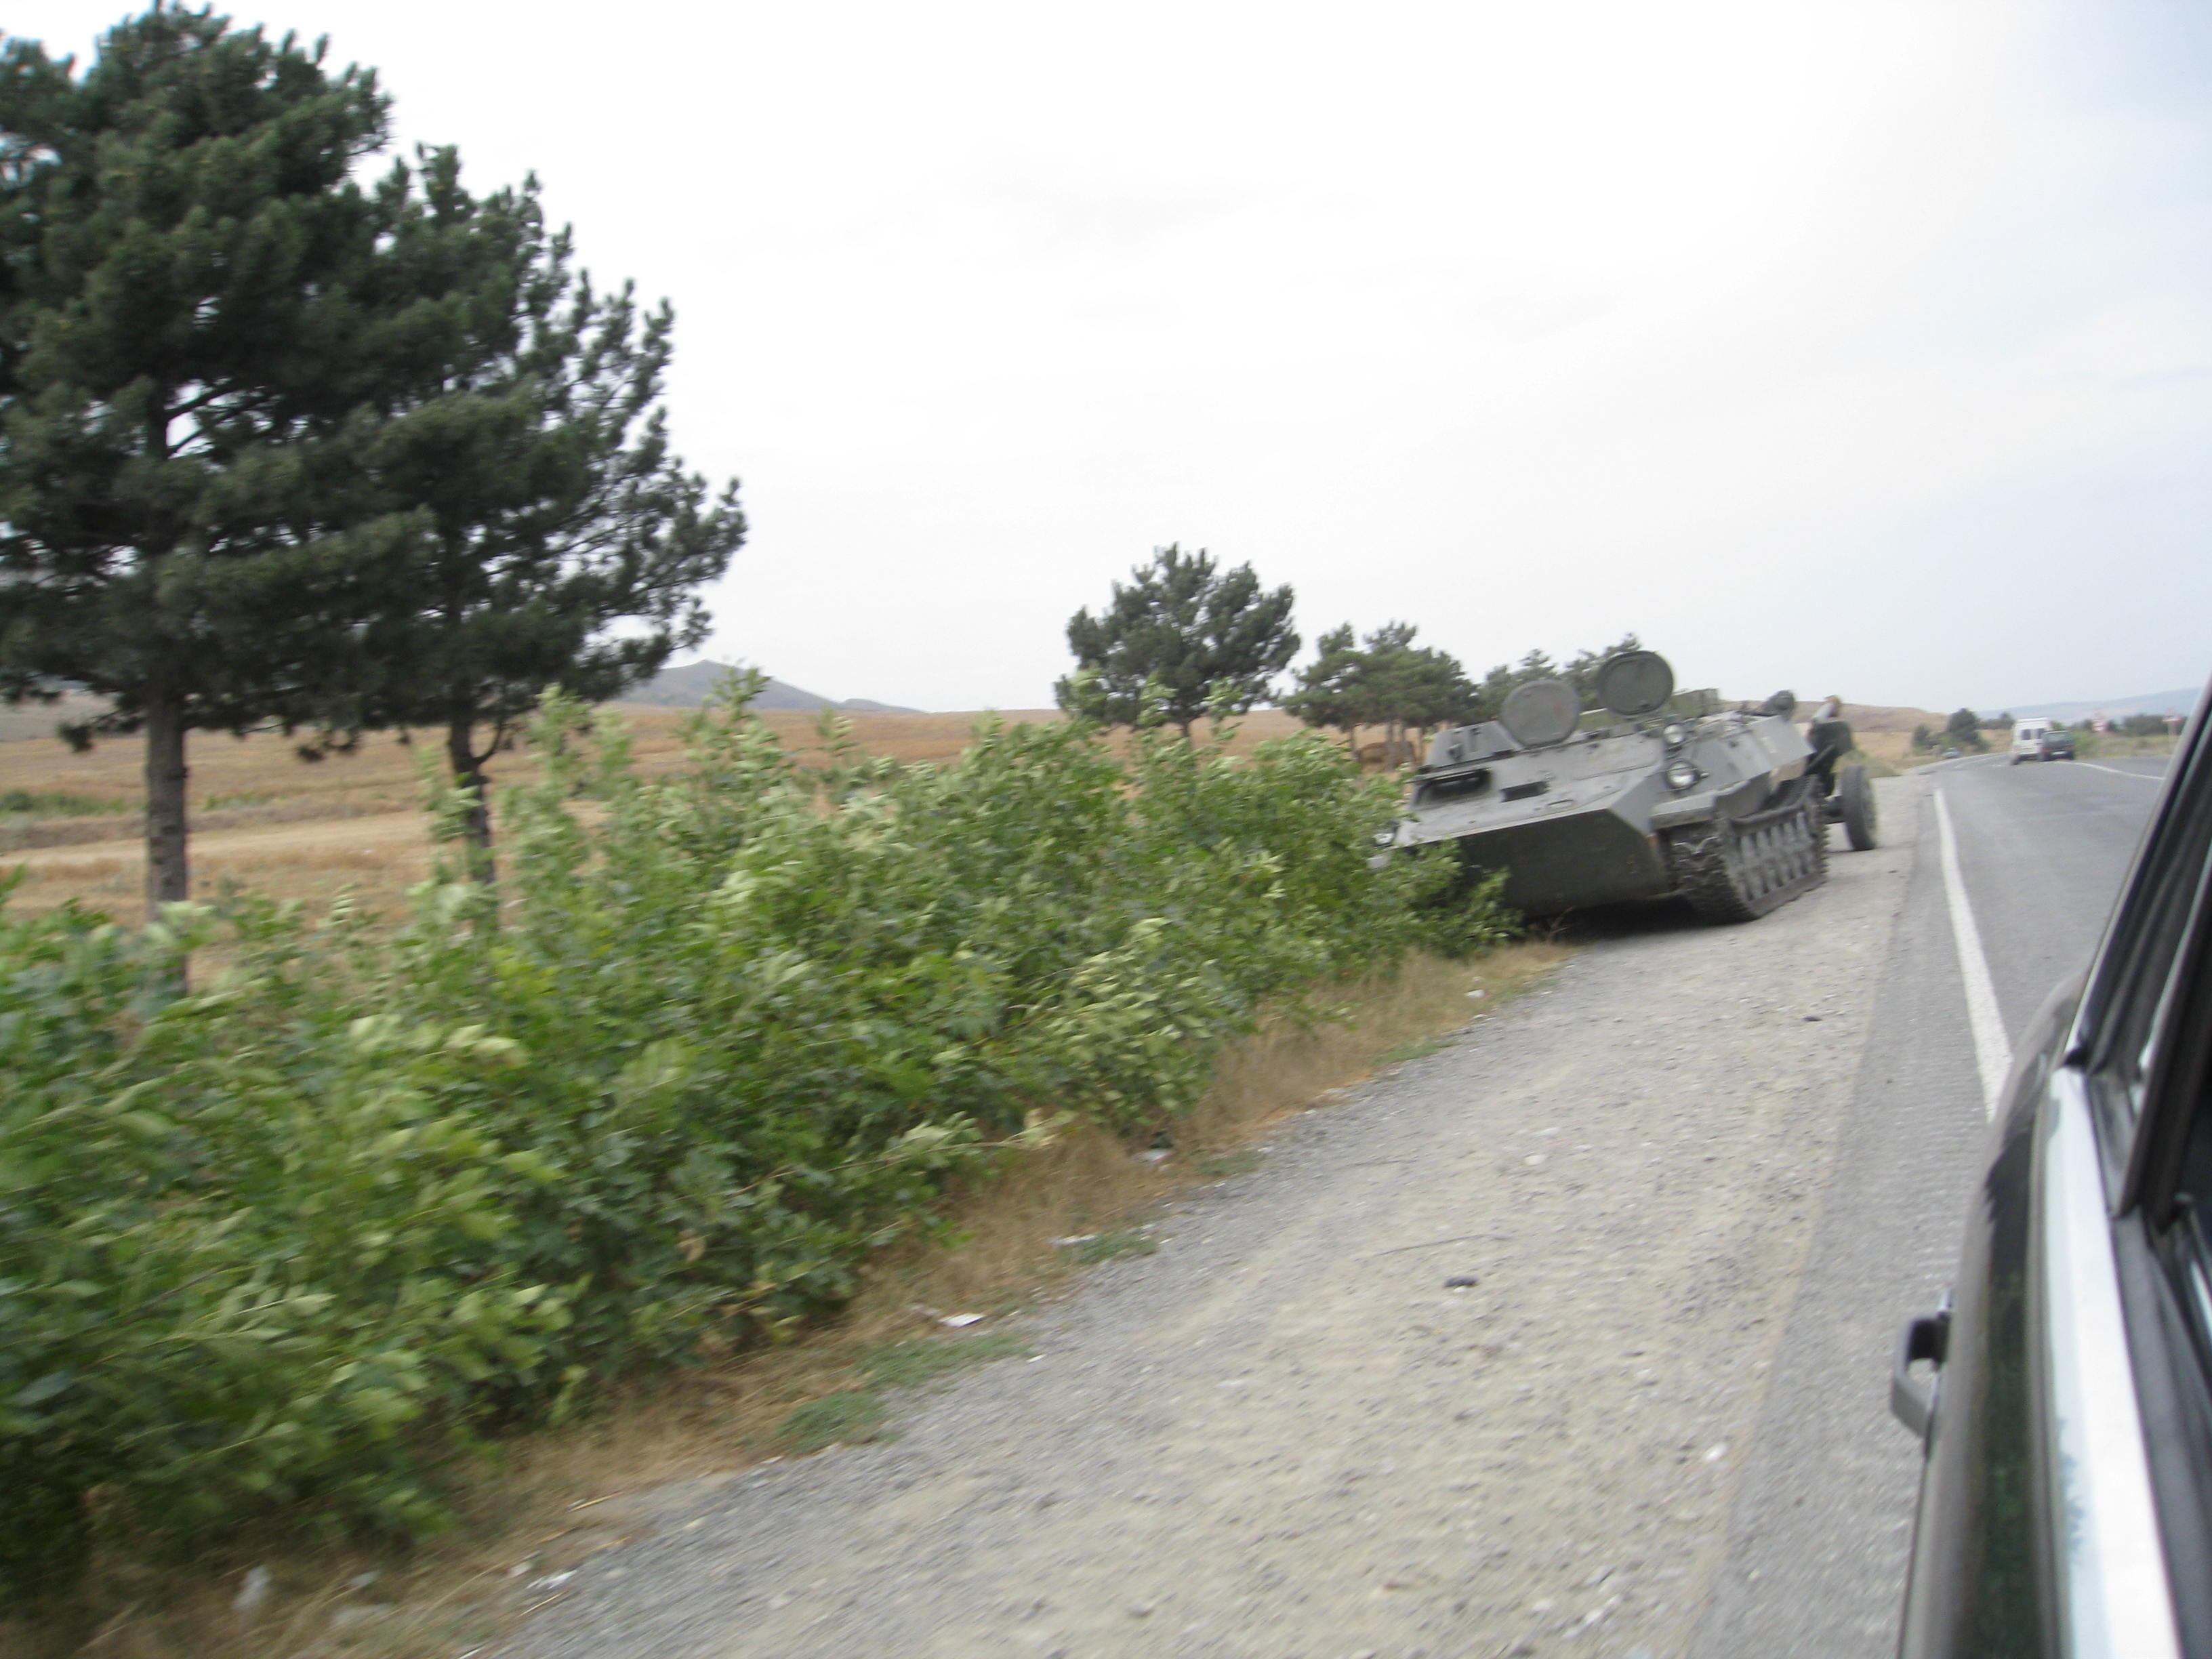 2008 South Ossetia War: Photos and Videos 3b182783655e